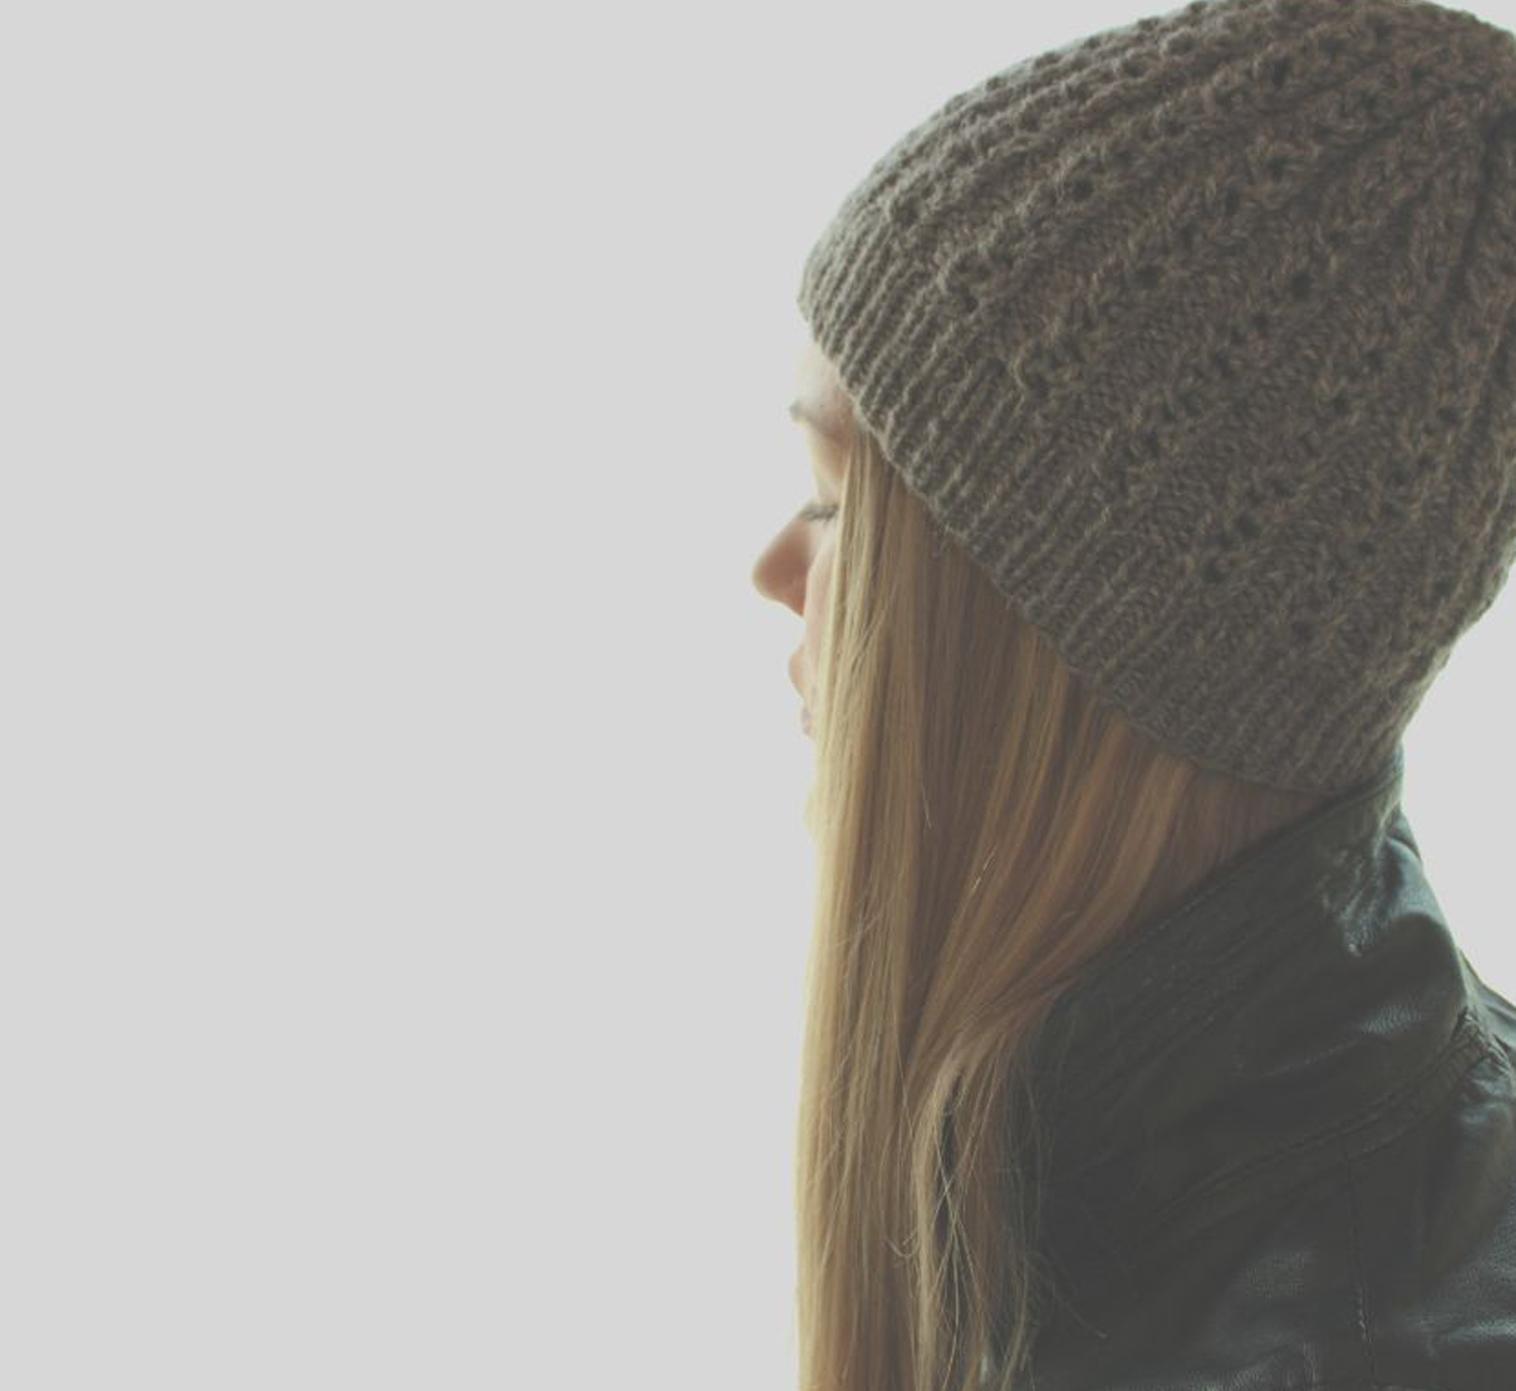 Mütze stricken: Mit dieser Strickmütze im nordischen Unisex-Look gibt es was Warmes auf die Ohren. // Strickanleitung // Strickmütze // Strickmuster // Zöpfe stricken // Unisex-Mütze // Trachtenwolle // Schurwolle // Anleitung deutsch //